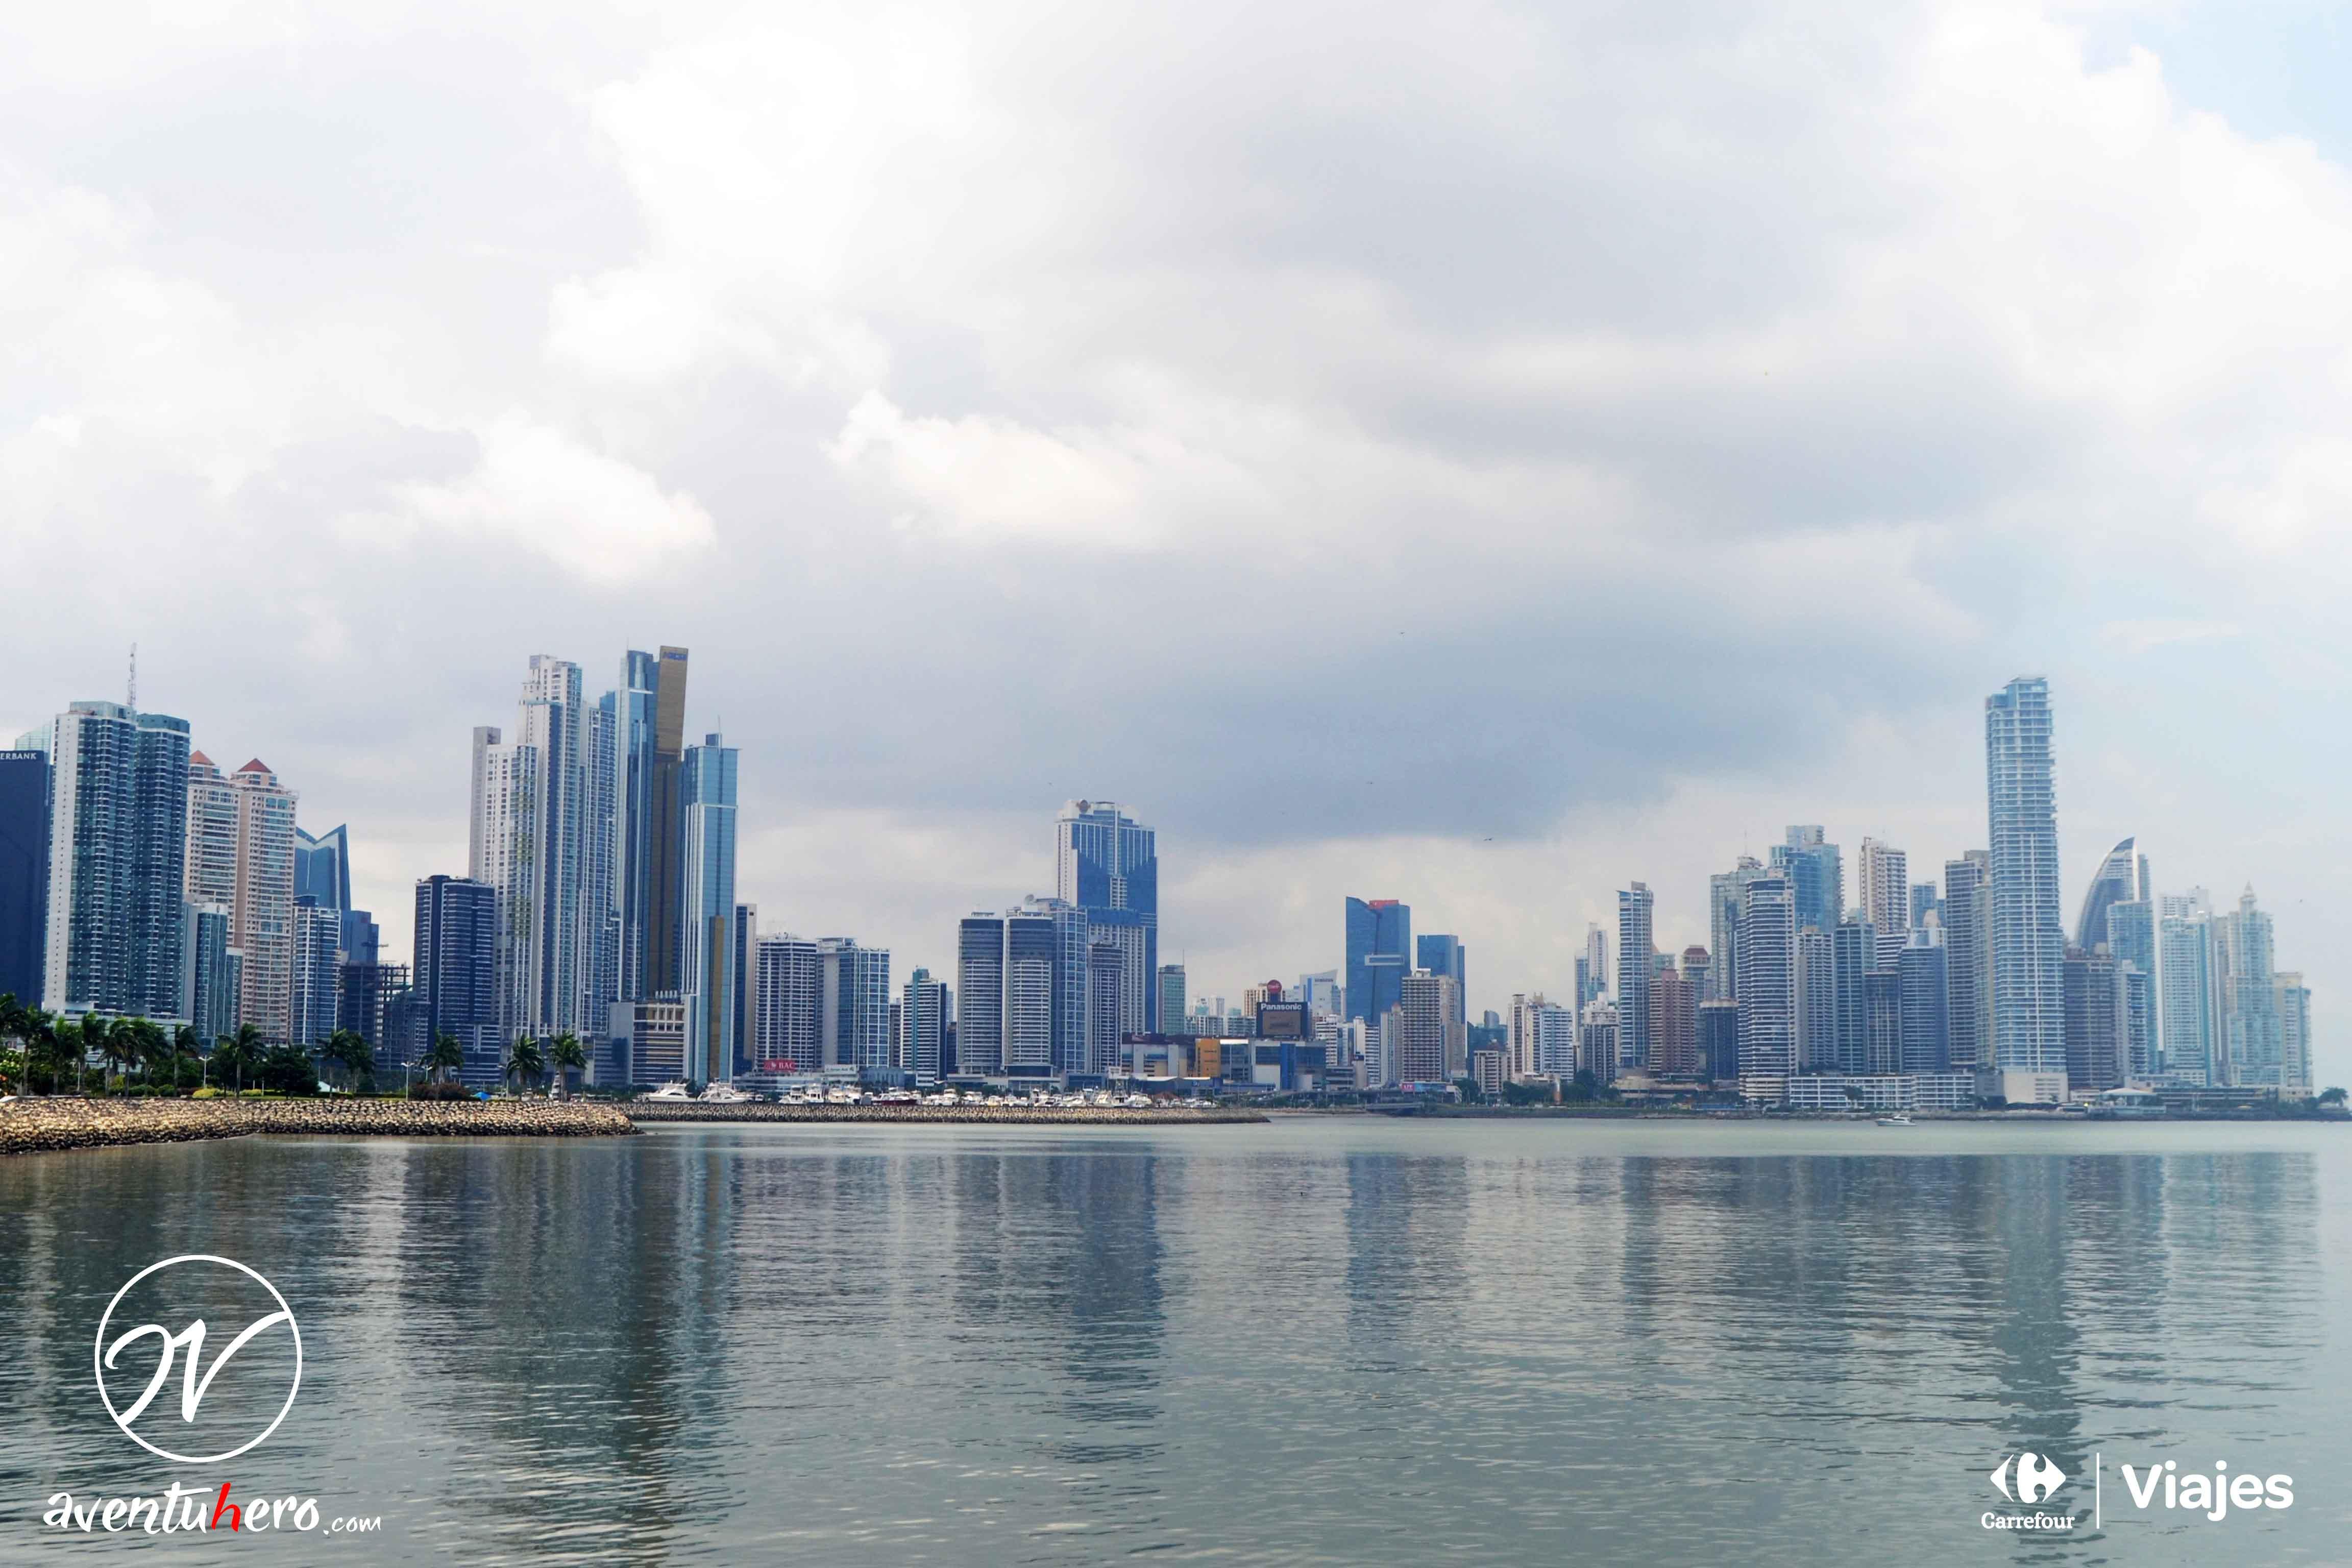 Vuelta a la capital de Panamá